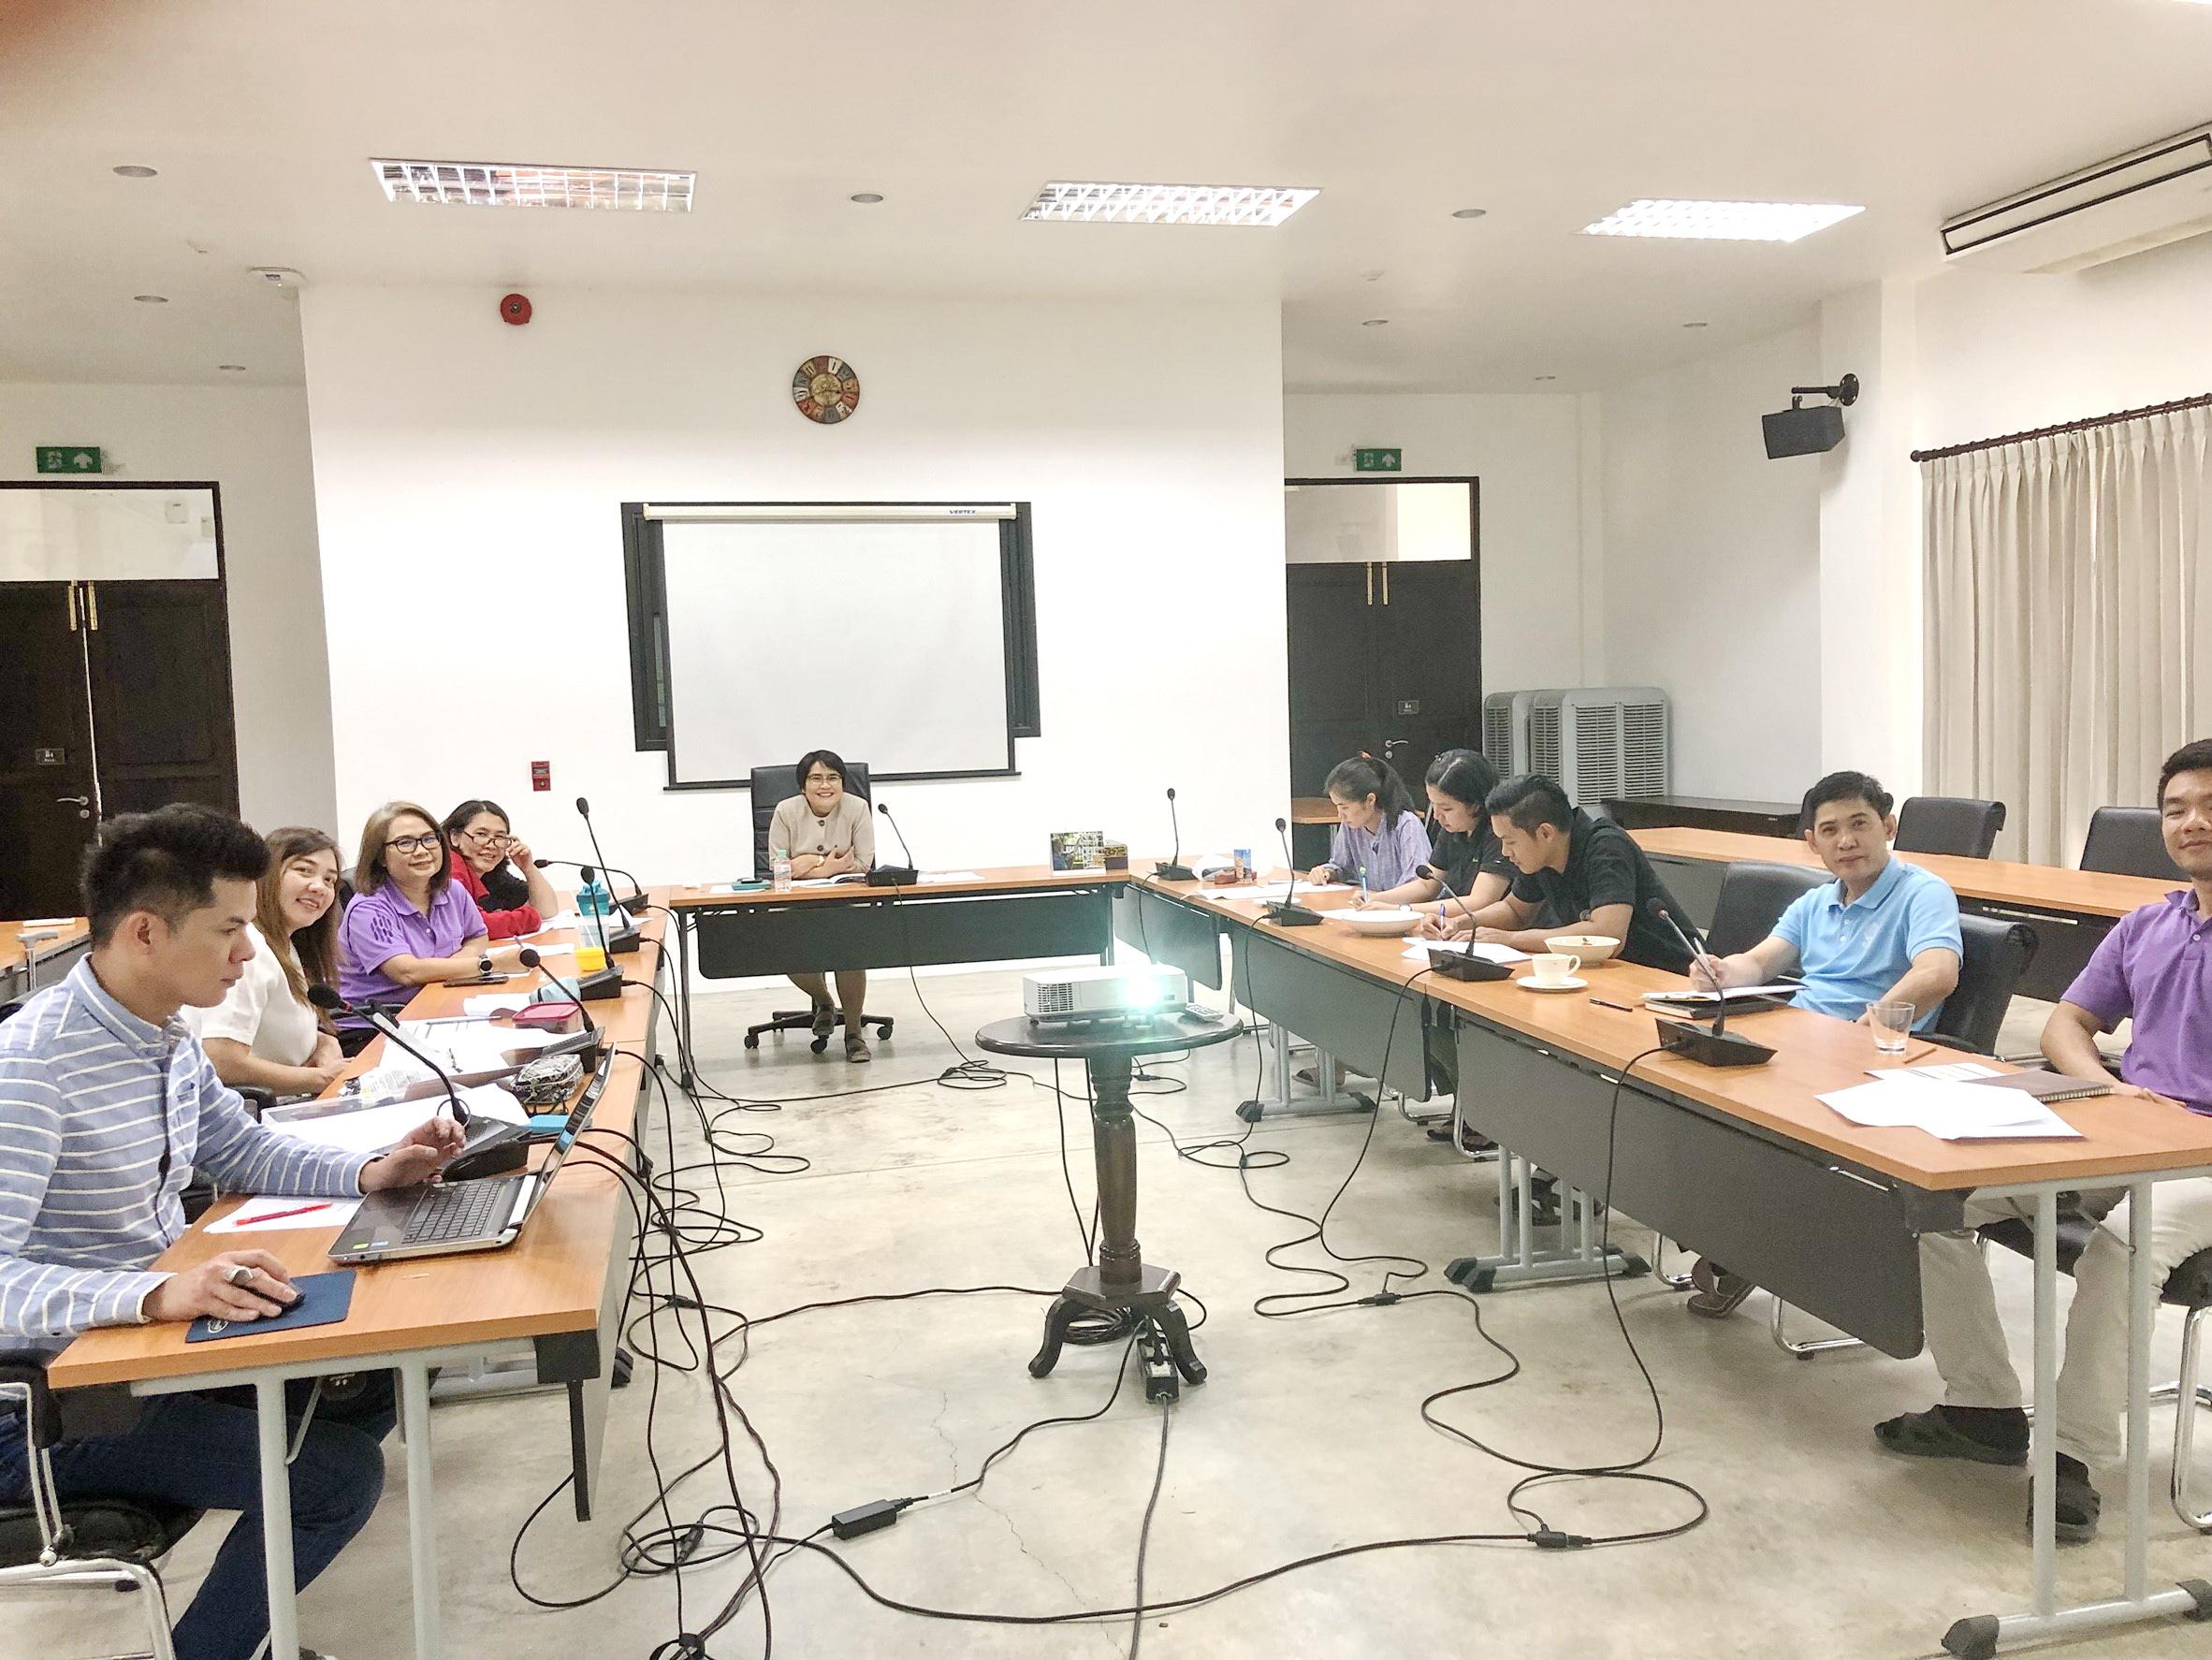 การประชุมพิจารณาตัวชี้วัดคำรับรองการปฏิบัติงานของสำนักฯ และตัวชี้วัดแผนยุทธศาสตร์สำนักฯ